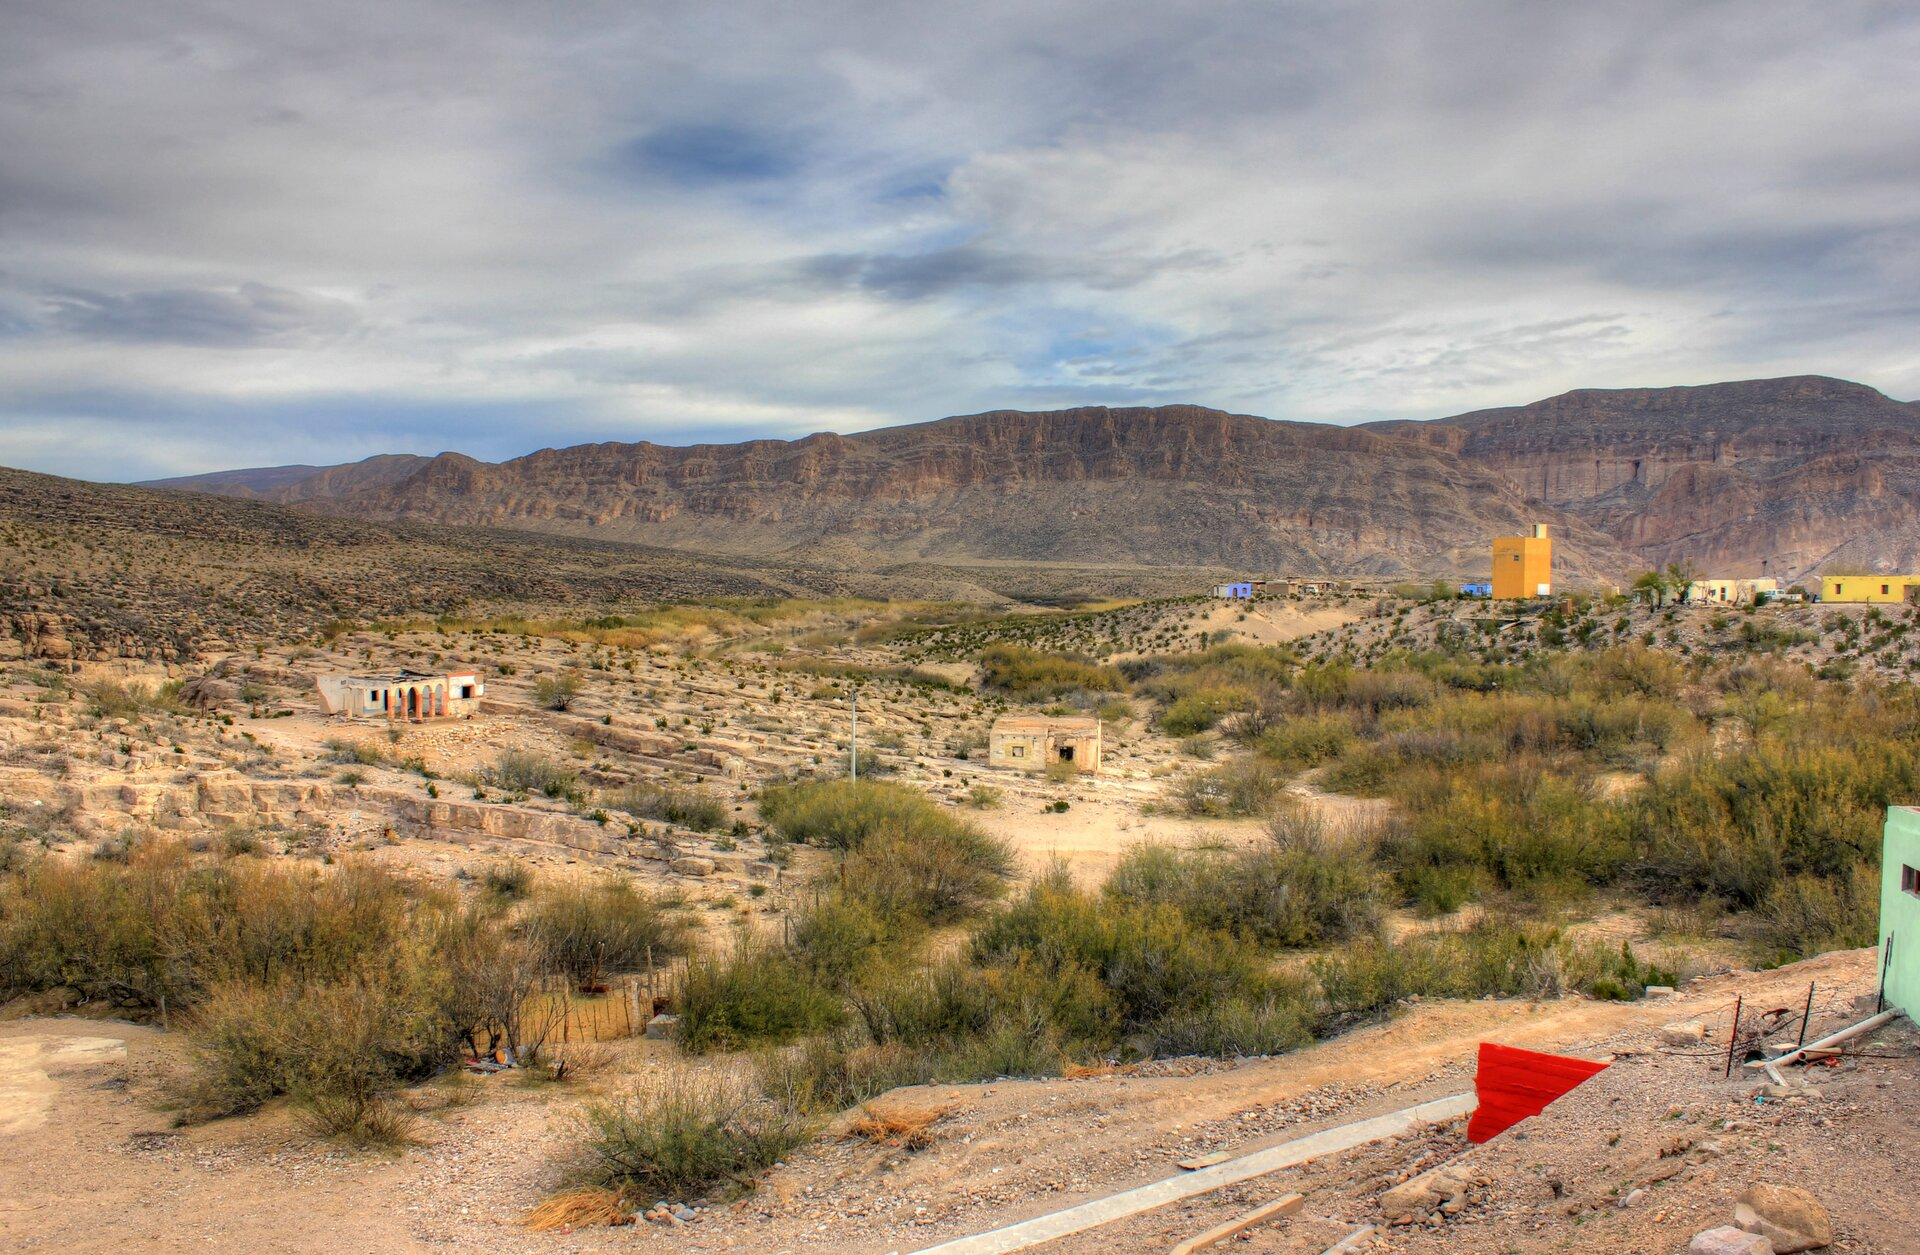 Na zdjęciu rozległe pofalowane tereny porośnięte rzadką roślinnością. Kilka pojedynczych zabudowań, wtle skaliste góry.